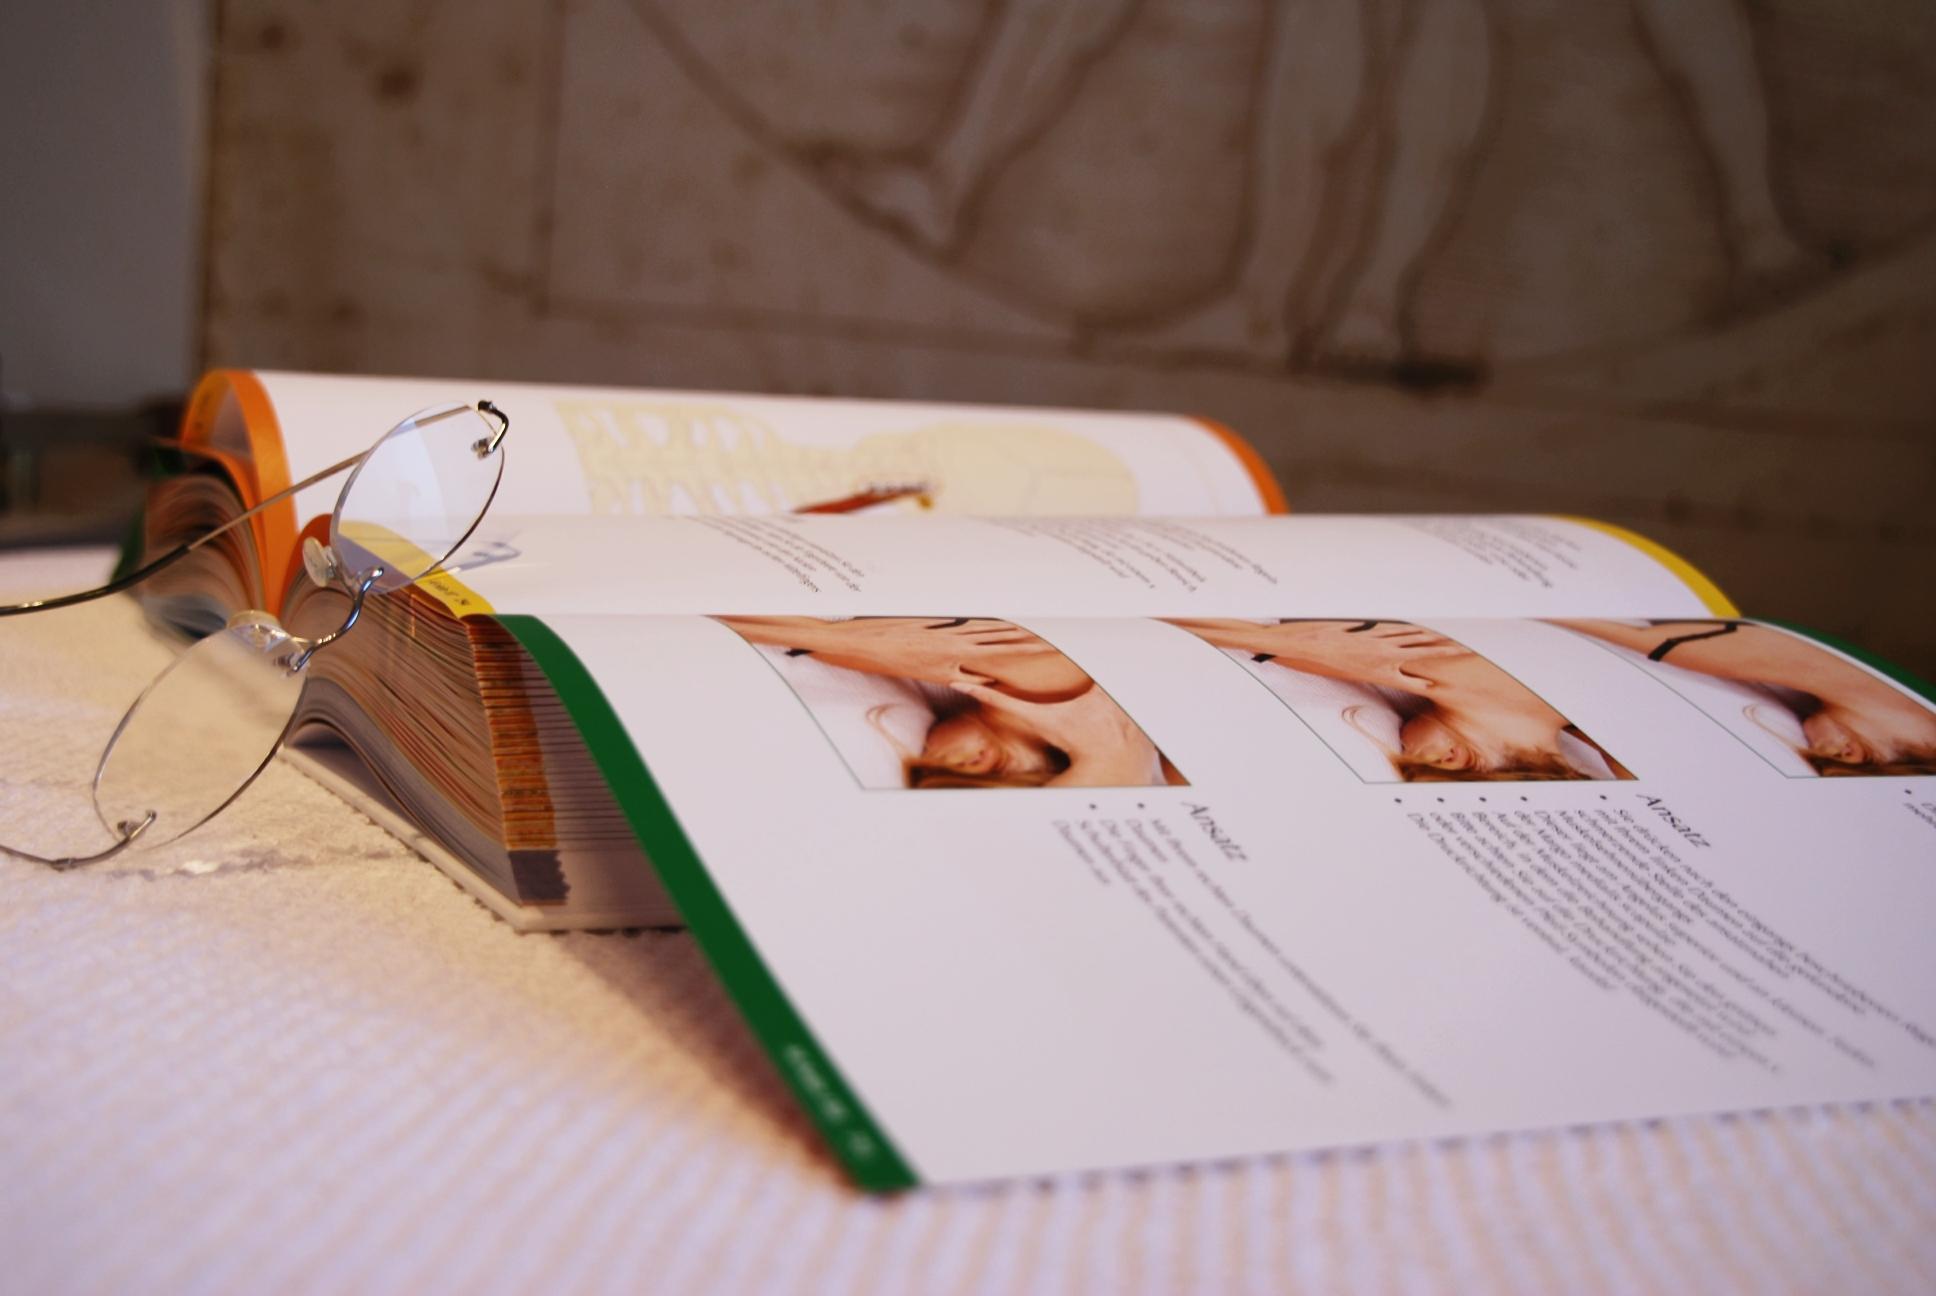 Die Hämorrhoide von der Zeitung zu heilen